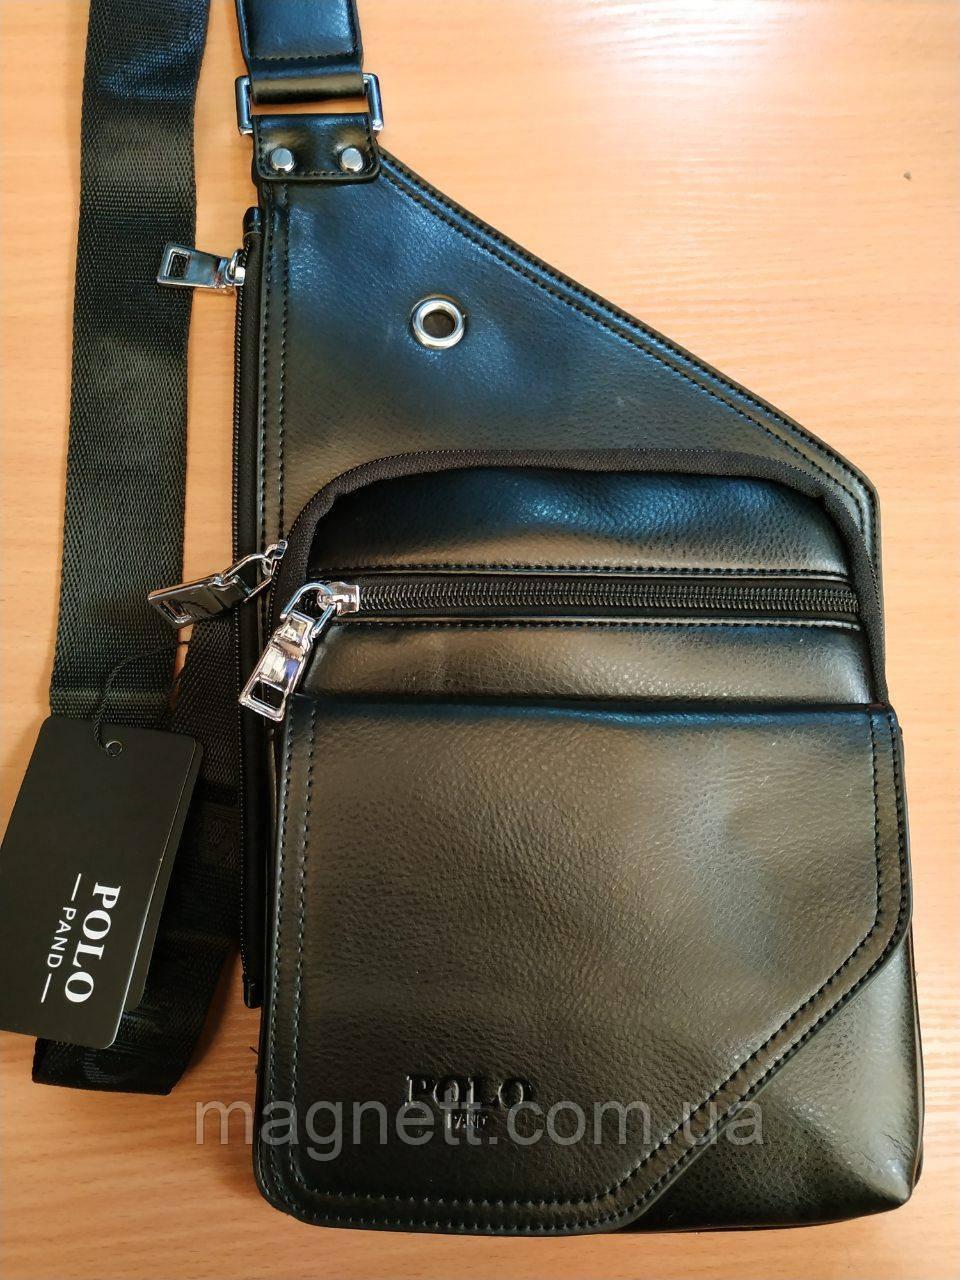 Стильная мужская сумка Polo через плечо